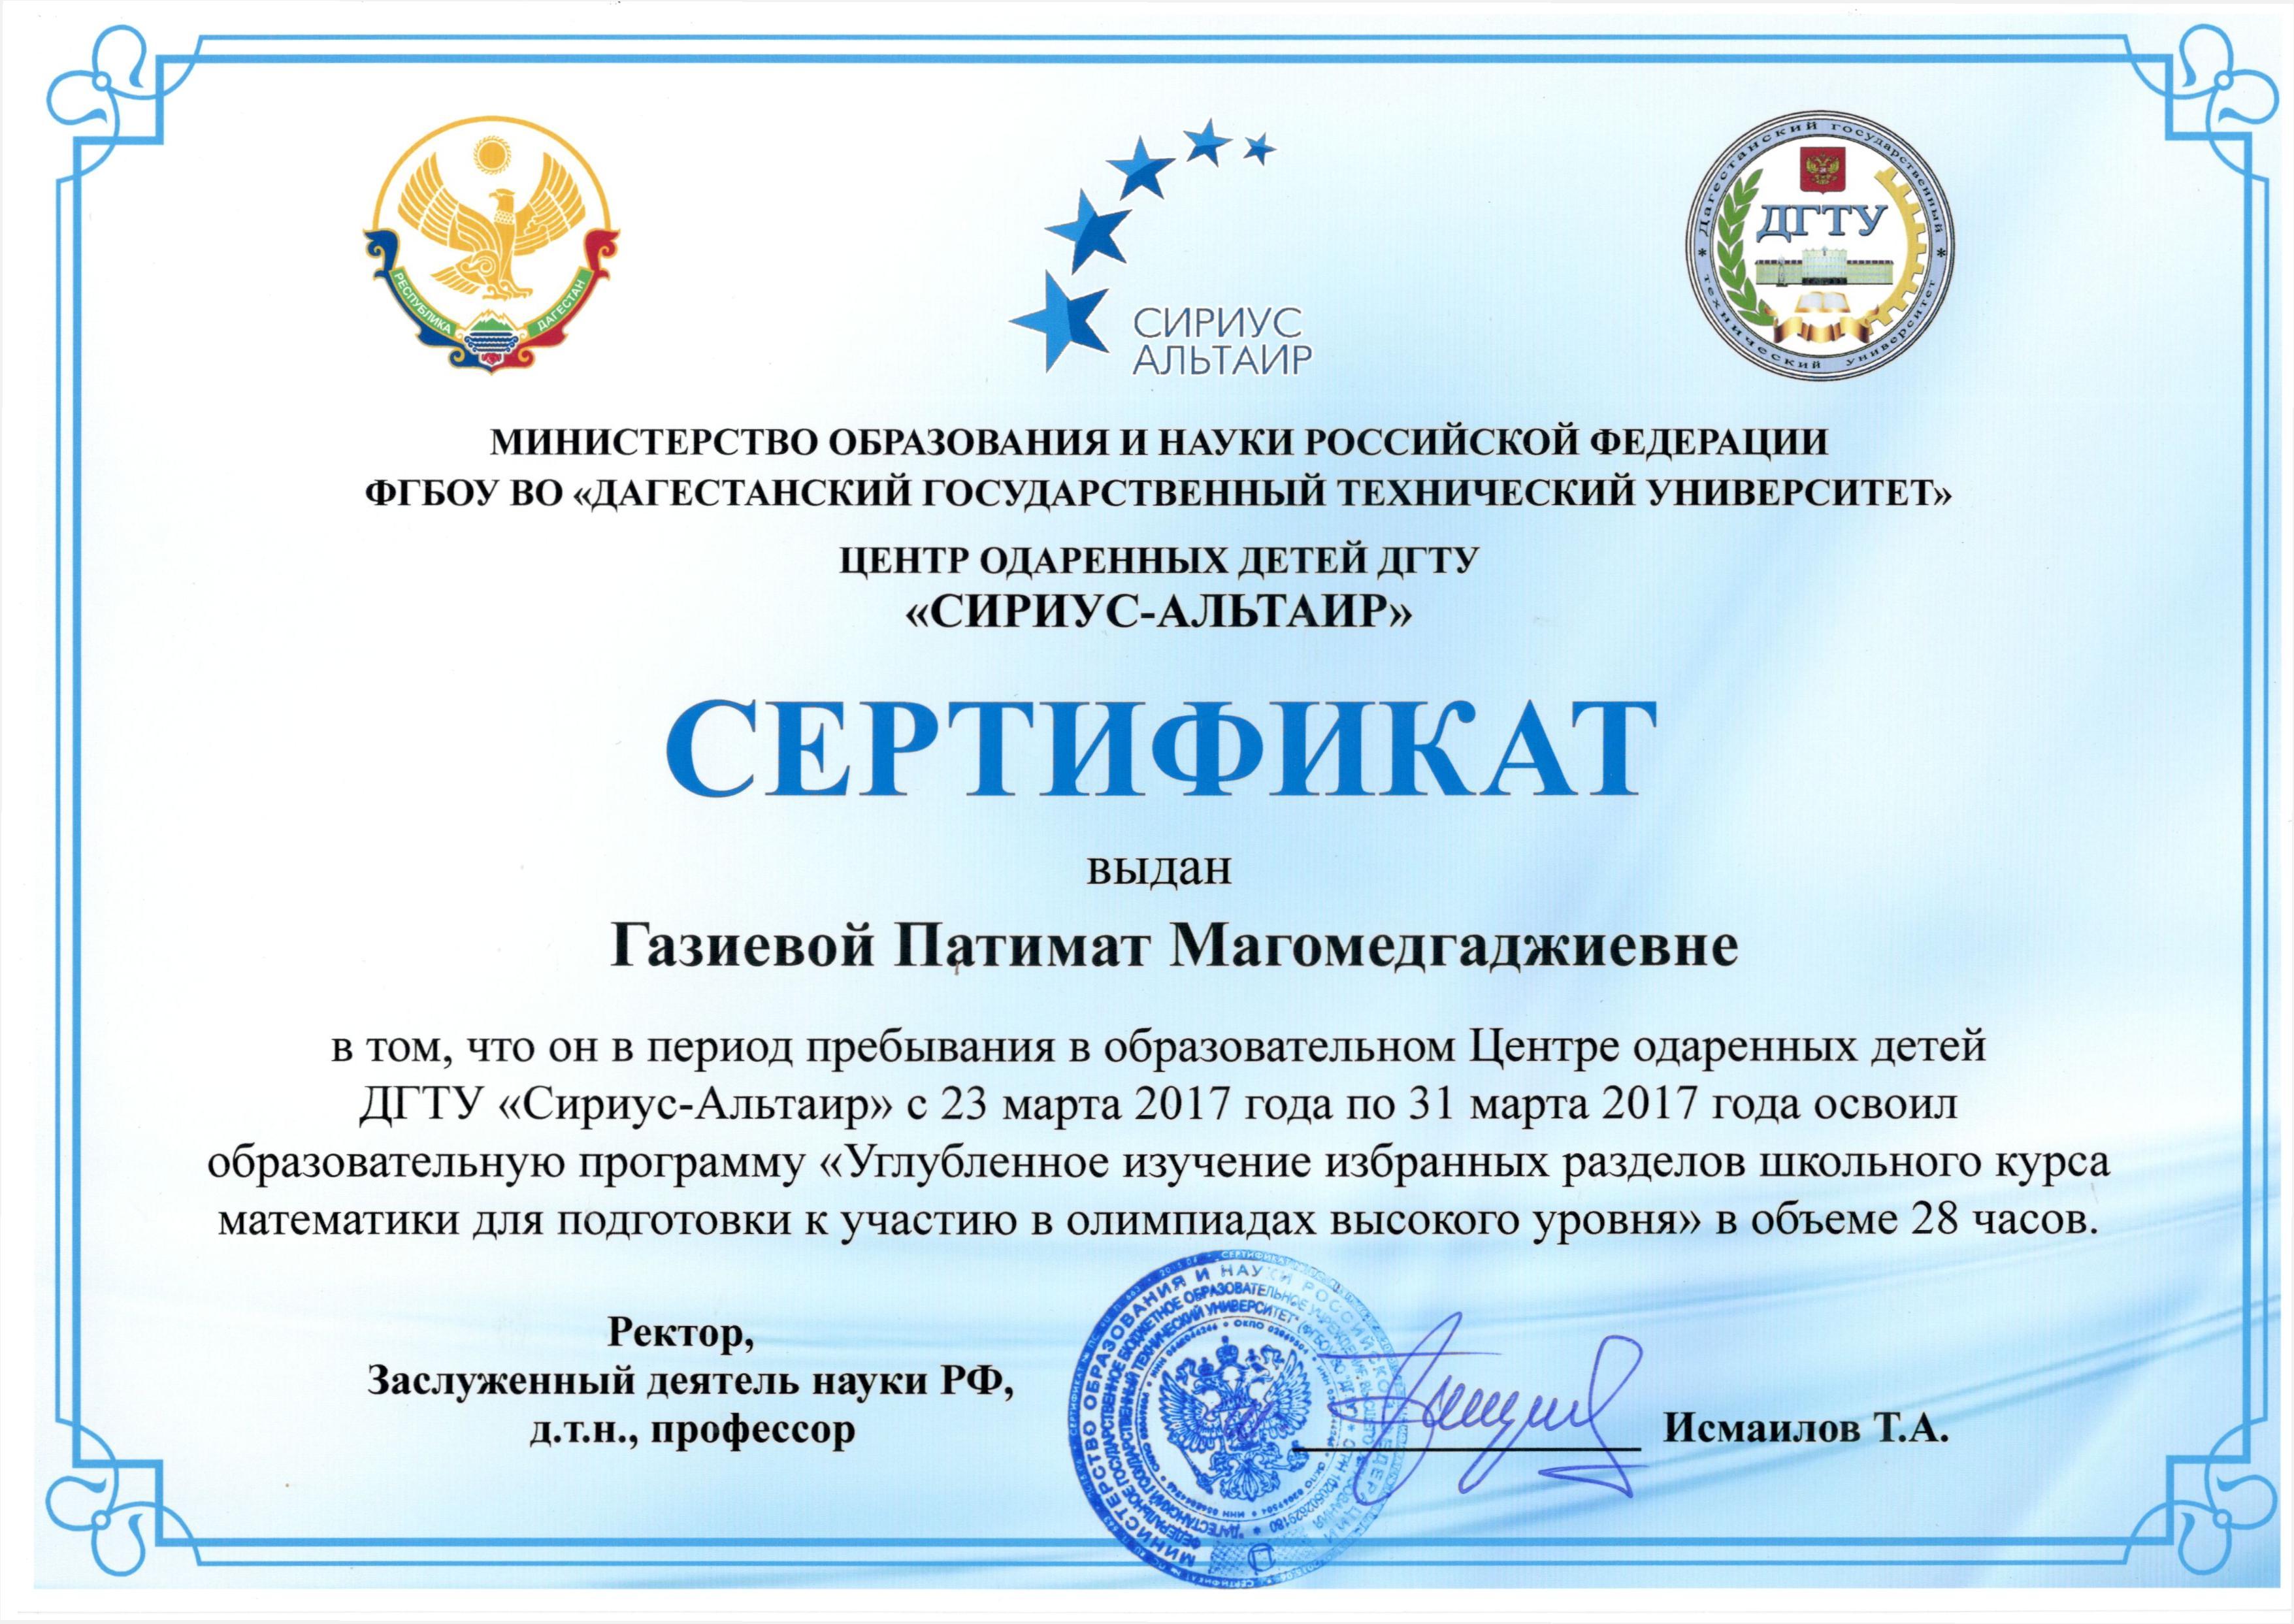 Конкурсы и олимпиады рекомендованные министерством образования на